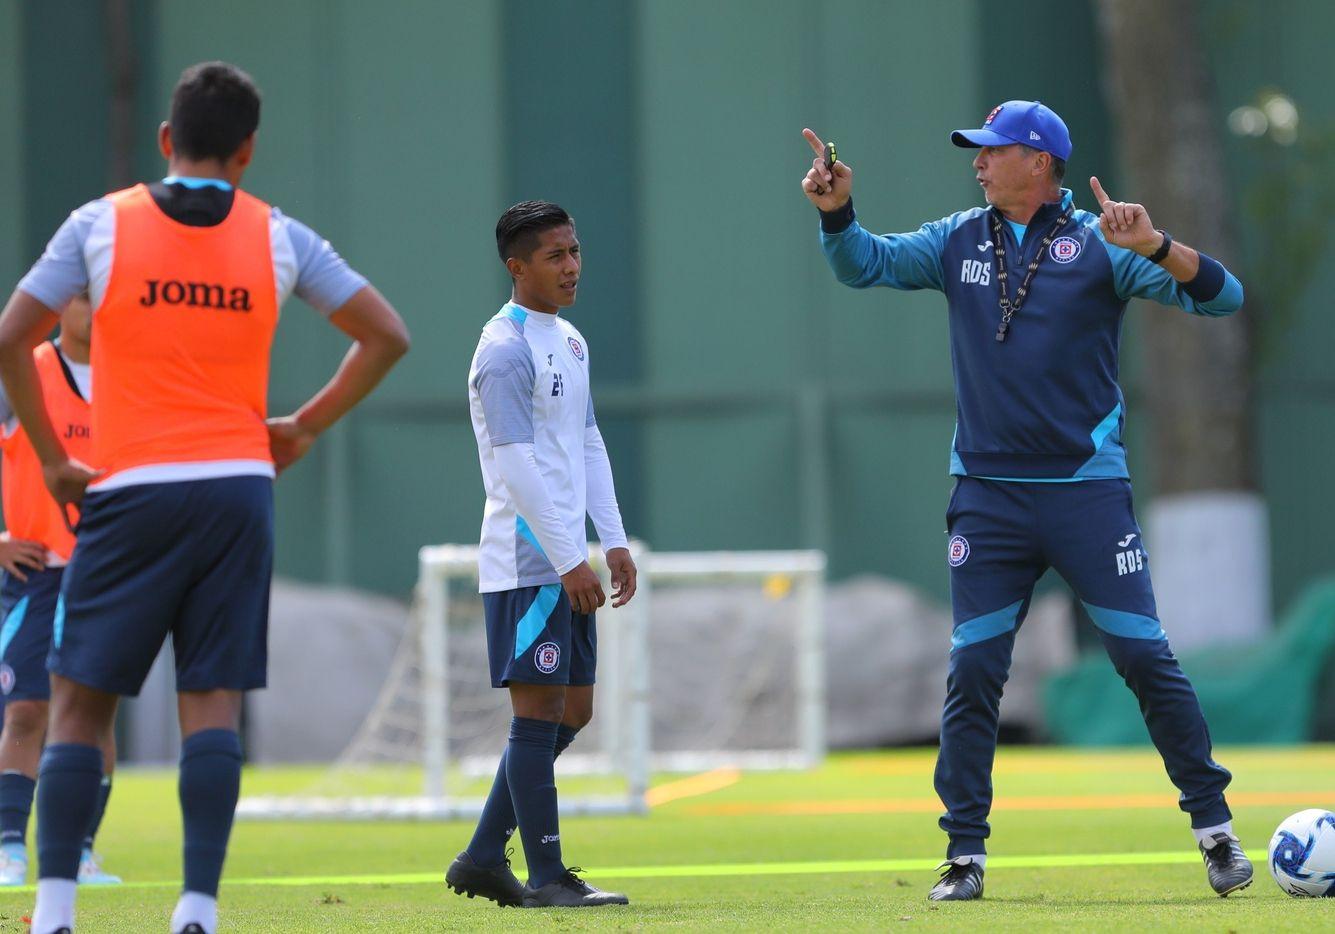 El técnico de Cruz Azul, Robert Dante Siboldi, prepara el partido del sábado ante Chivas de Guadalajara.